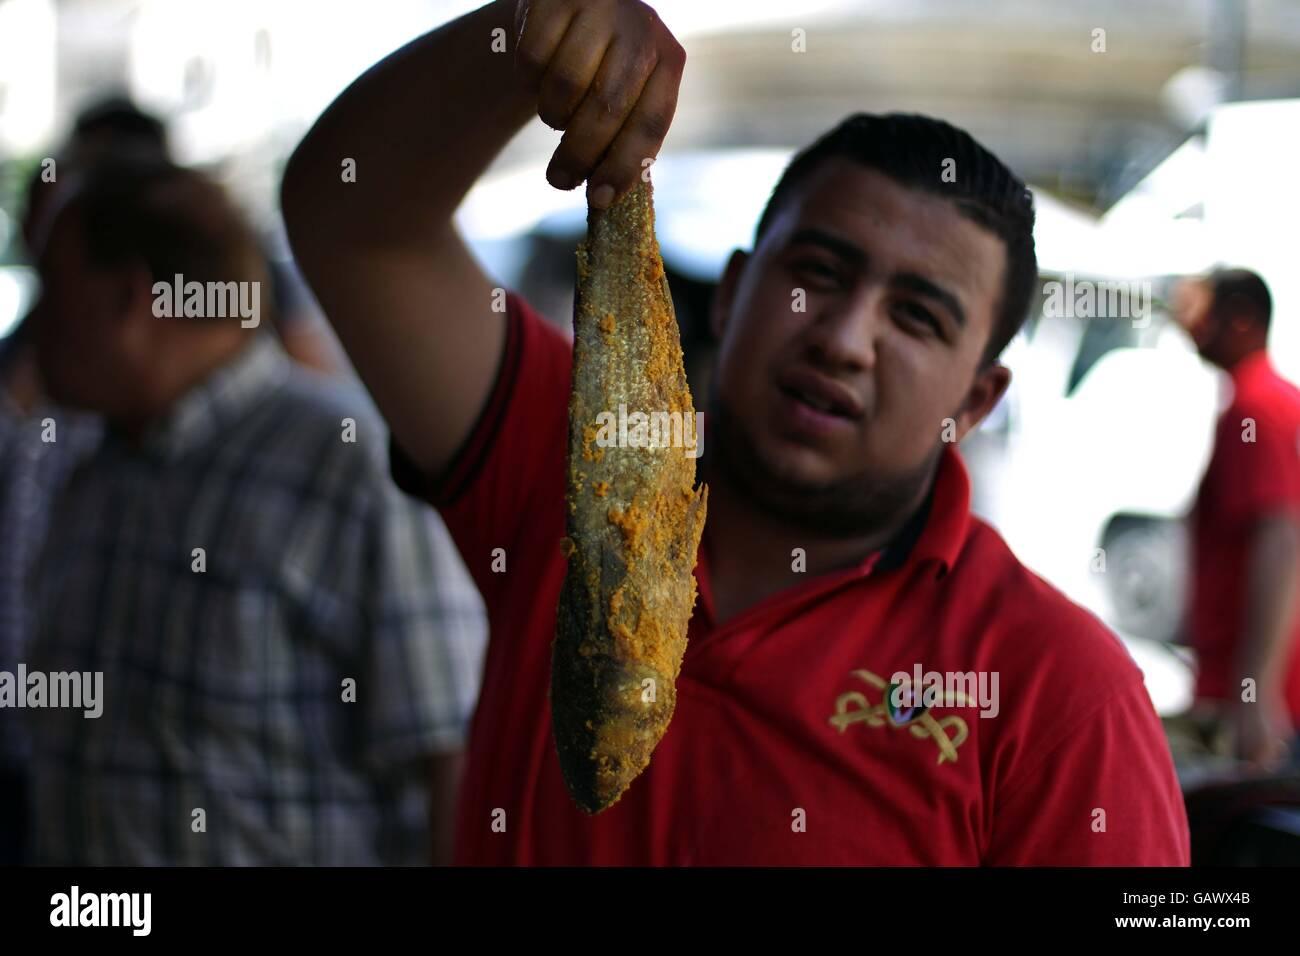 Best Jordan Eid Al-Fitr Food - amman-5th-july-2016-a-jordanian-man-sells-pickled-fish-in-amman-jordan-GAWX4B  Image_679185 .jpg